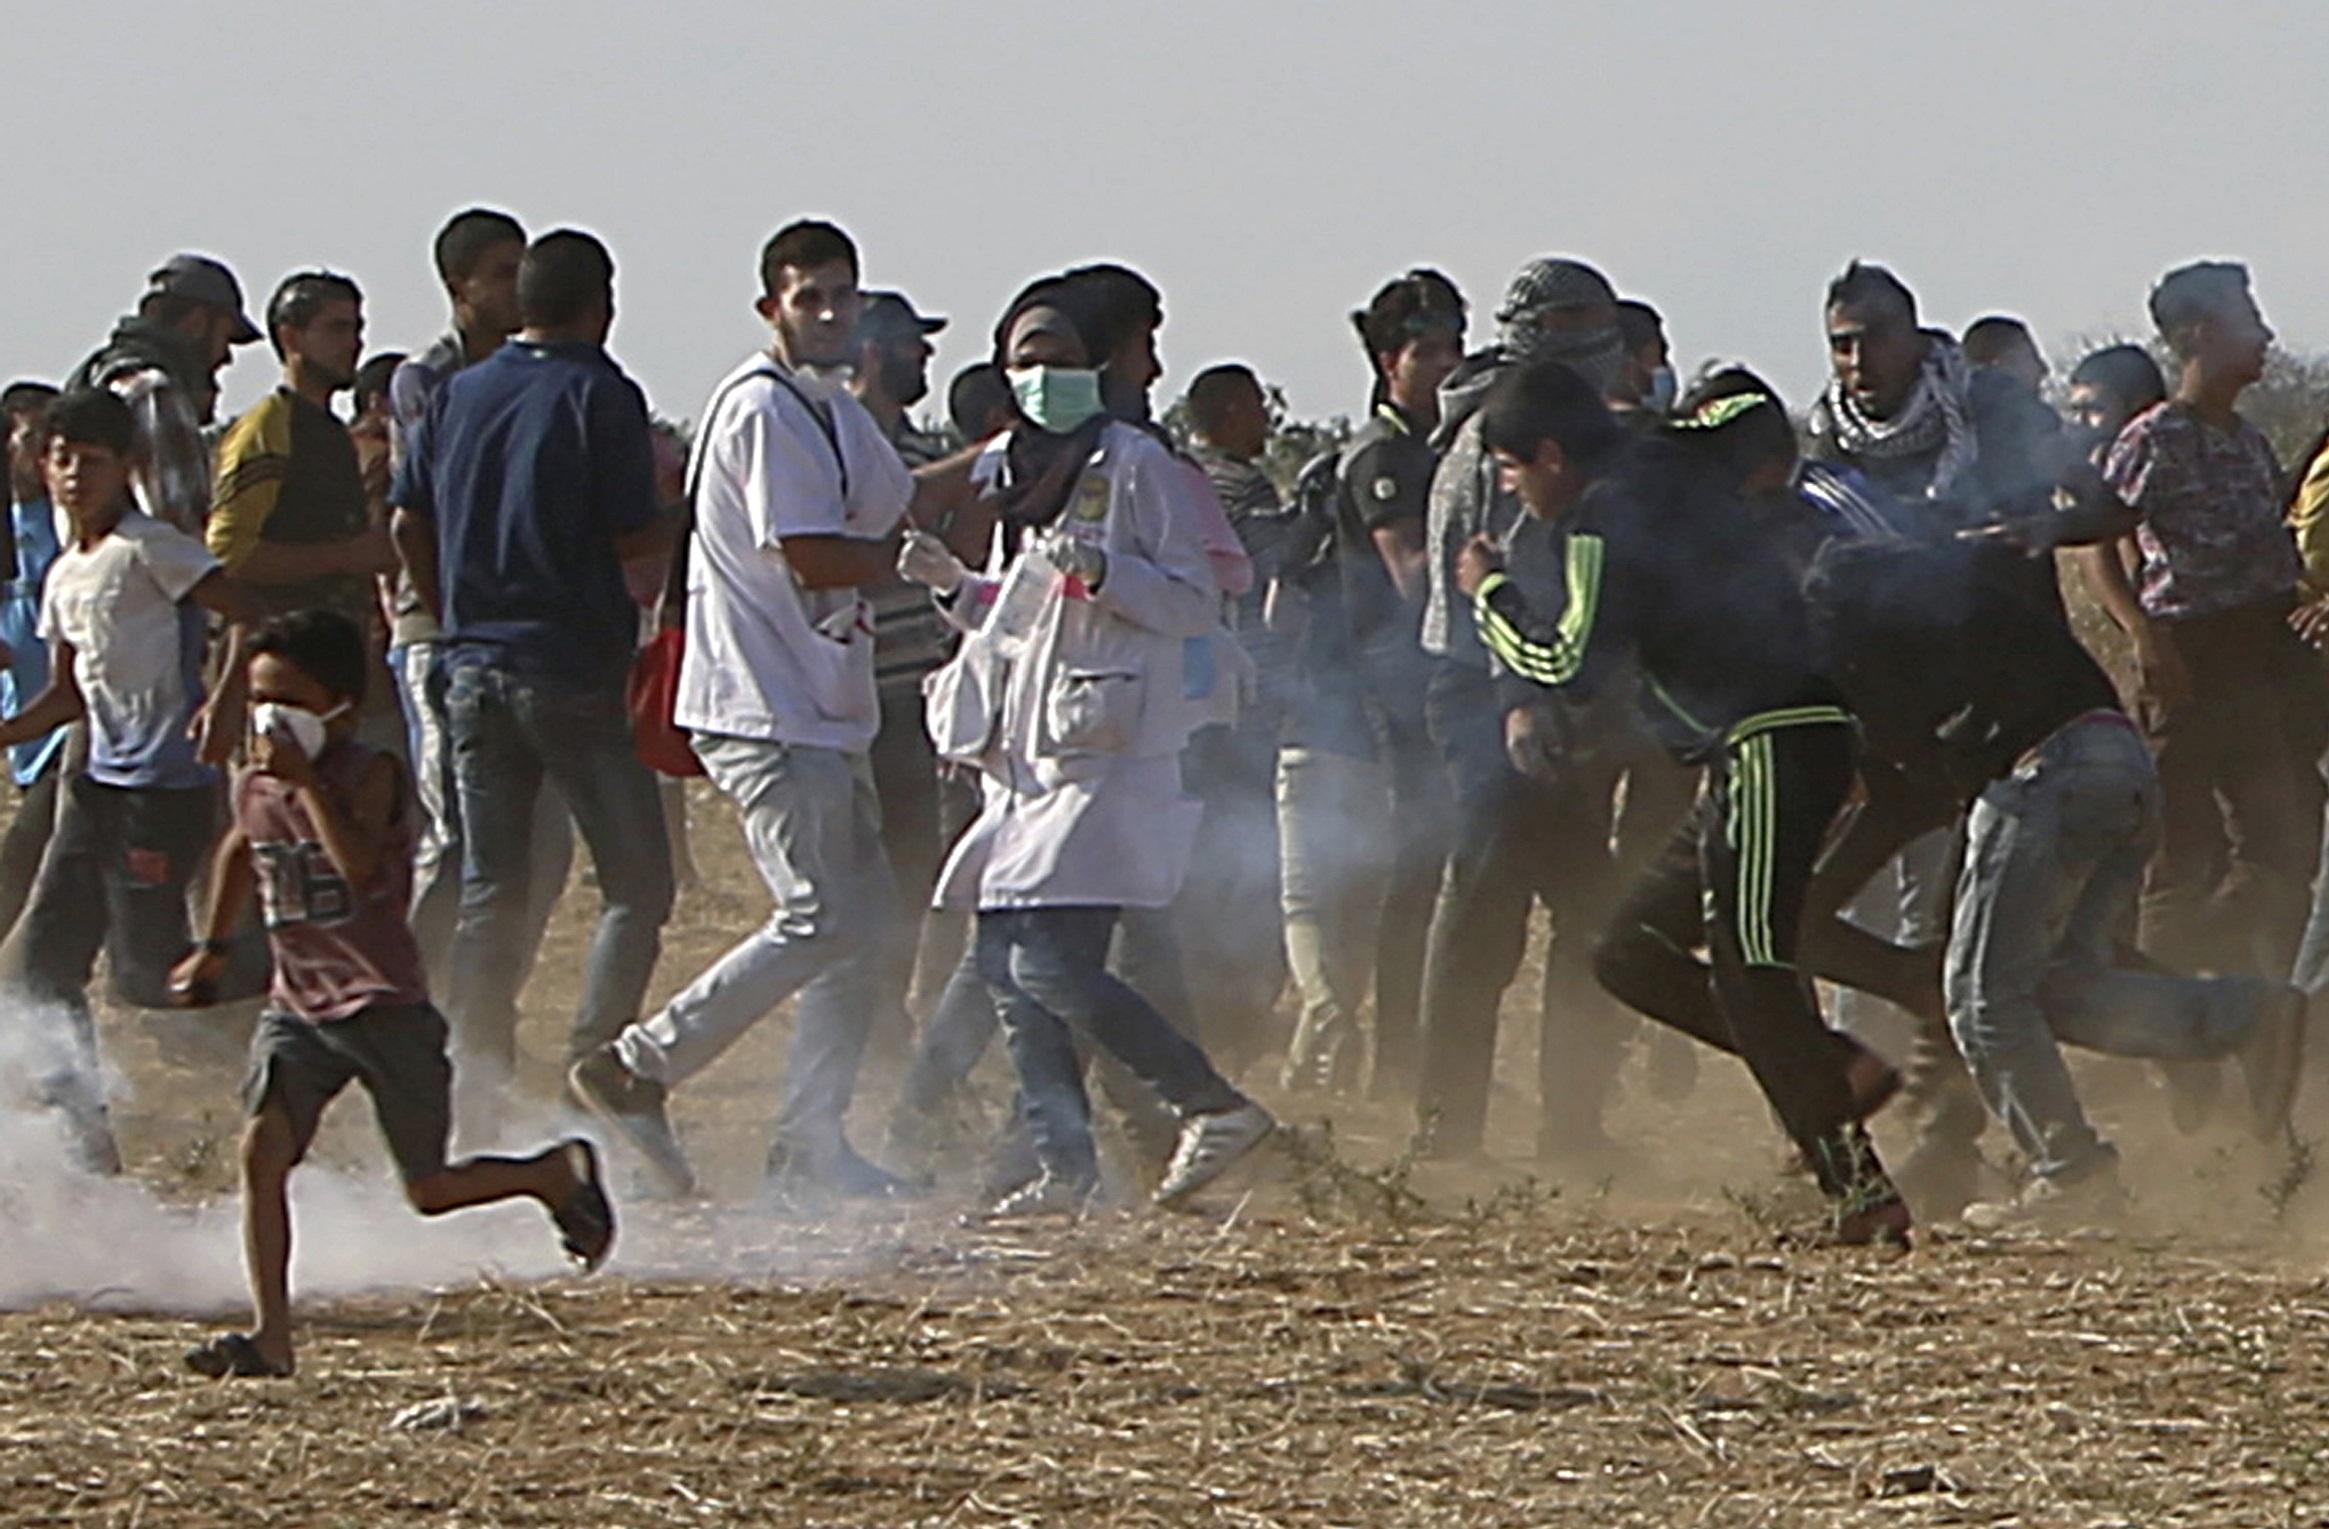 Razan Najjar, au centre de l'imgae, alors qu'elle courrait avec des manifestants pour se protéger des gaz lacrymogènes tirés par la troupe israélienne près de la frontière de la bande de Gaza, peu de temps avant qu'elle soit abattue.